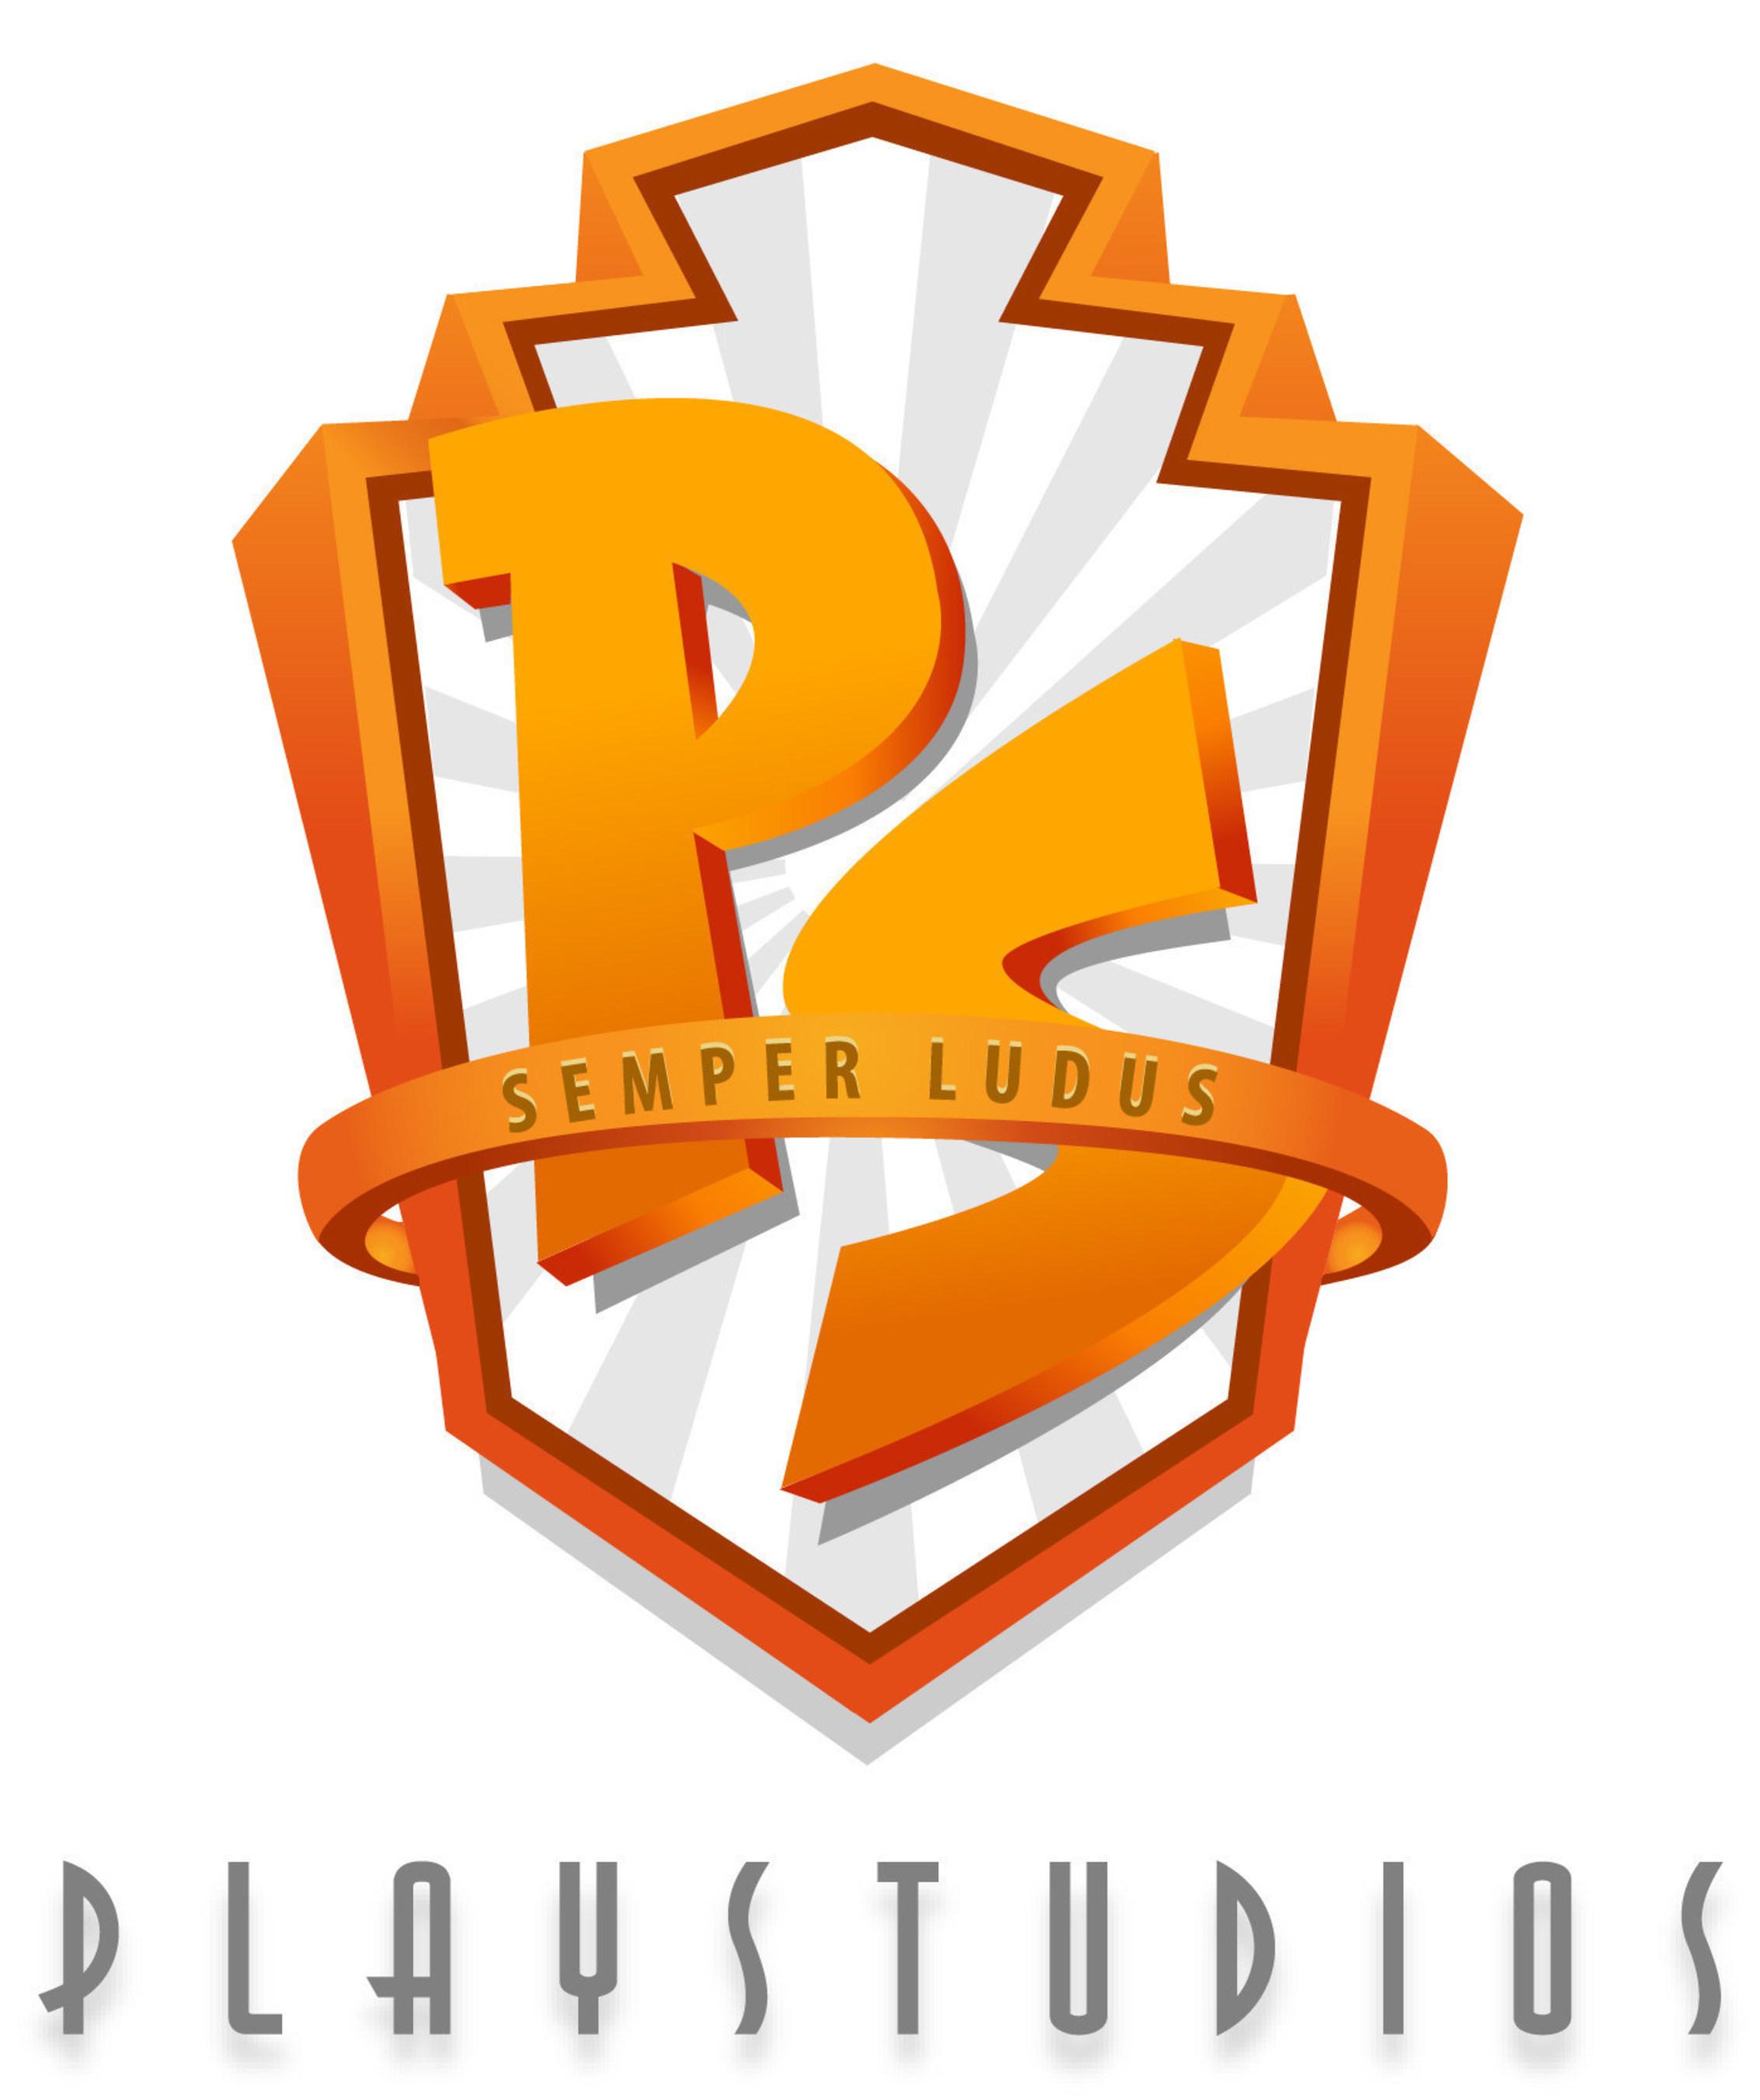 PLAYSTUDIOS erstklassige Kasinospiele erweitern Präsenz in GB durch Partnerschaft mit Resorts World